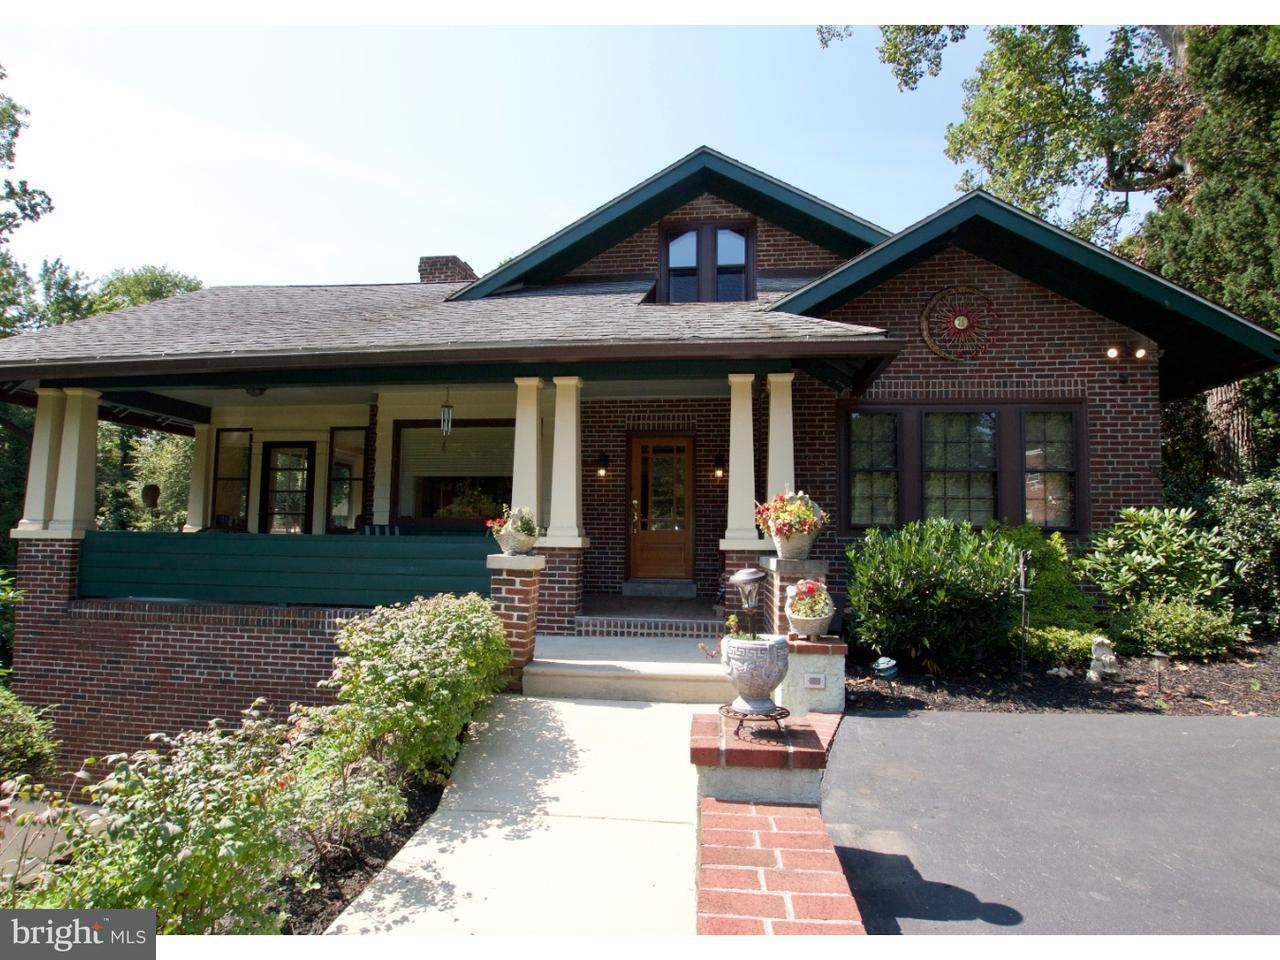 独户住宅 为 销售 在 422 S WOODBINE Avenue Narberth, 宾夕法尼亚州 19072 美国